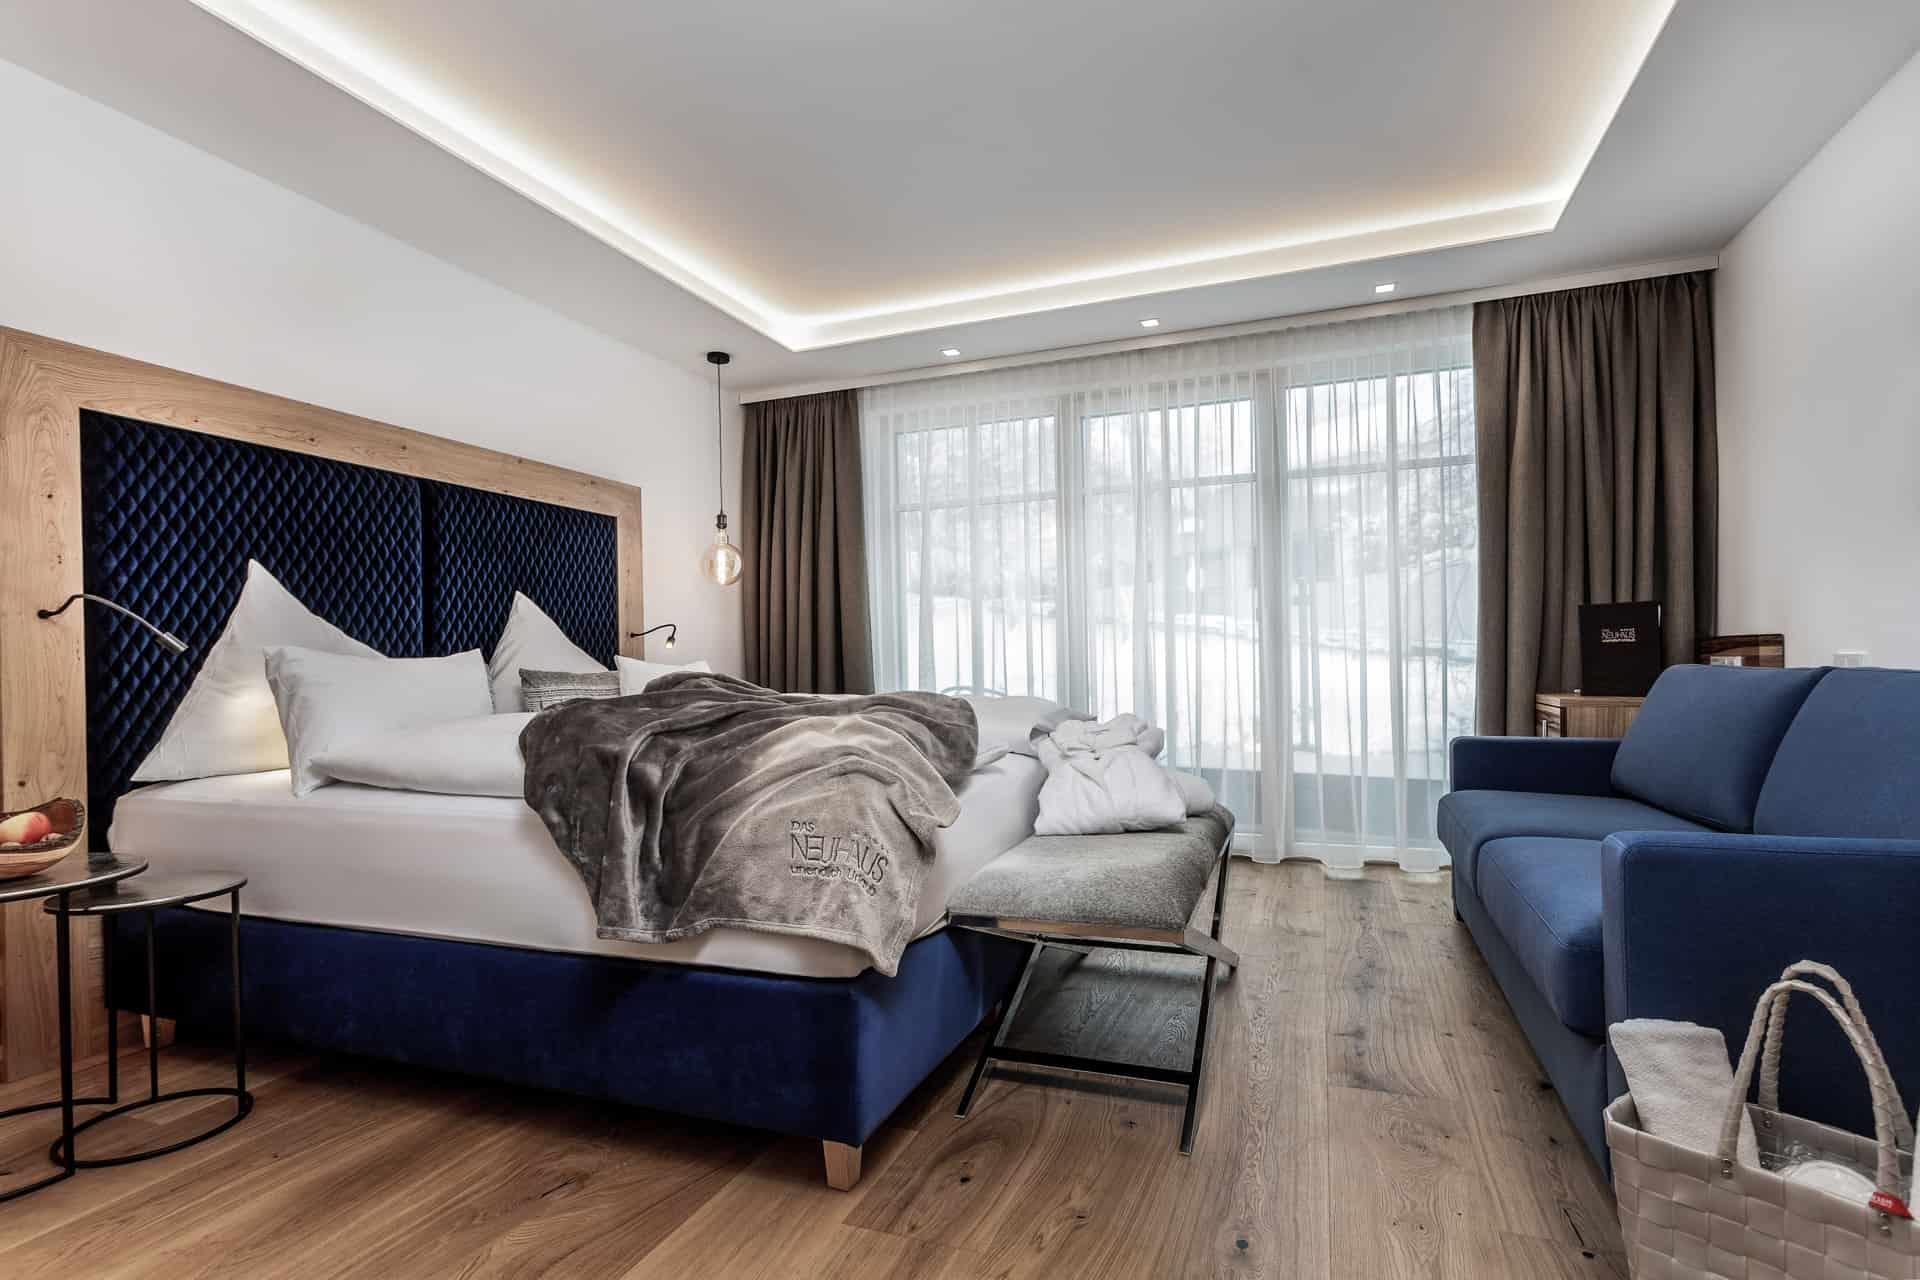 hotel-neuhaus-1